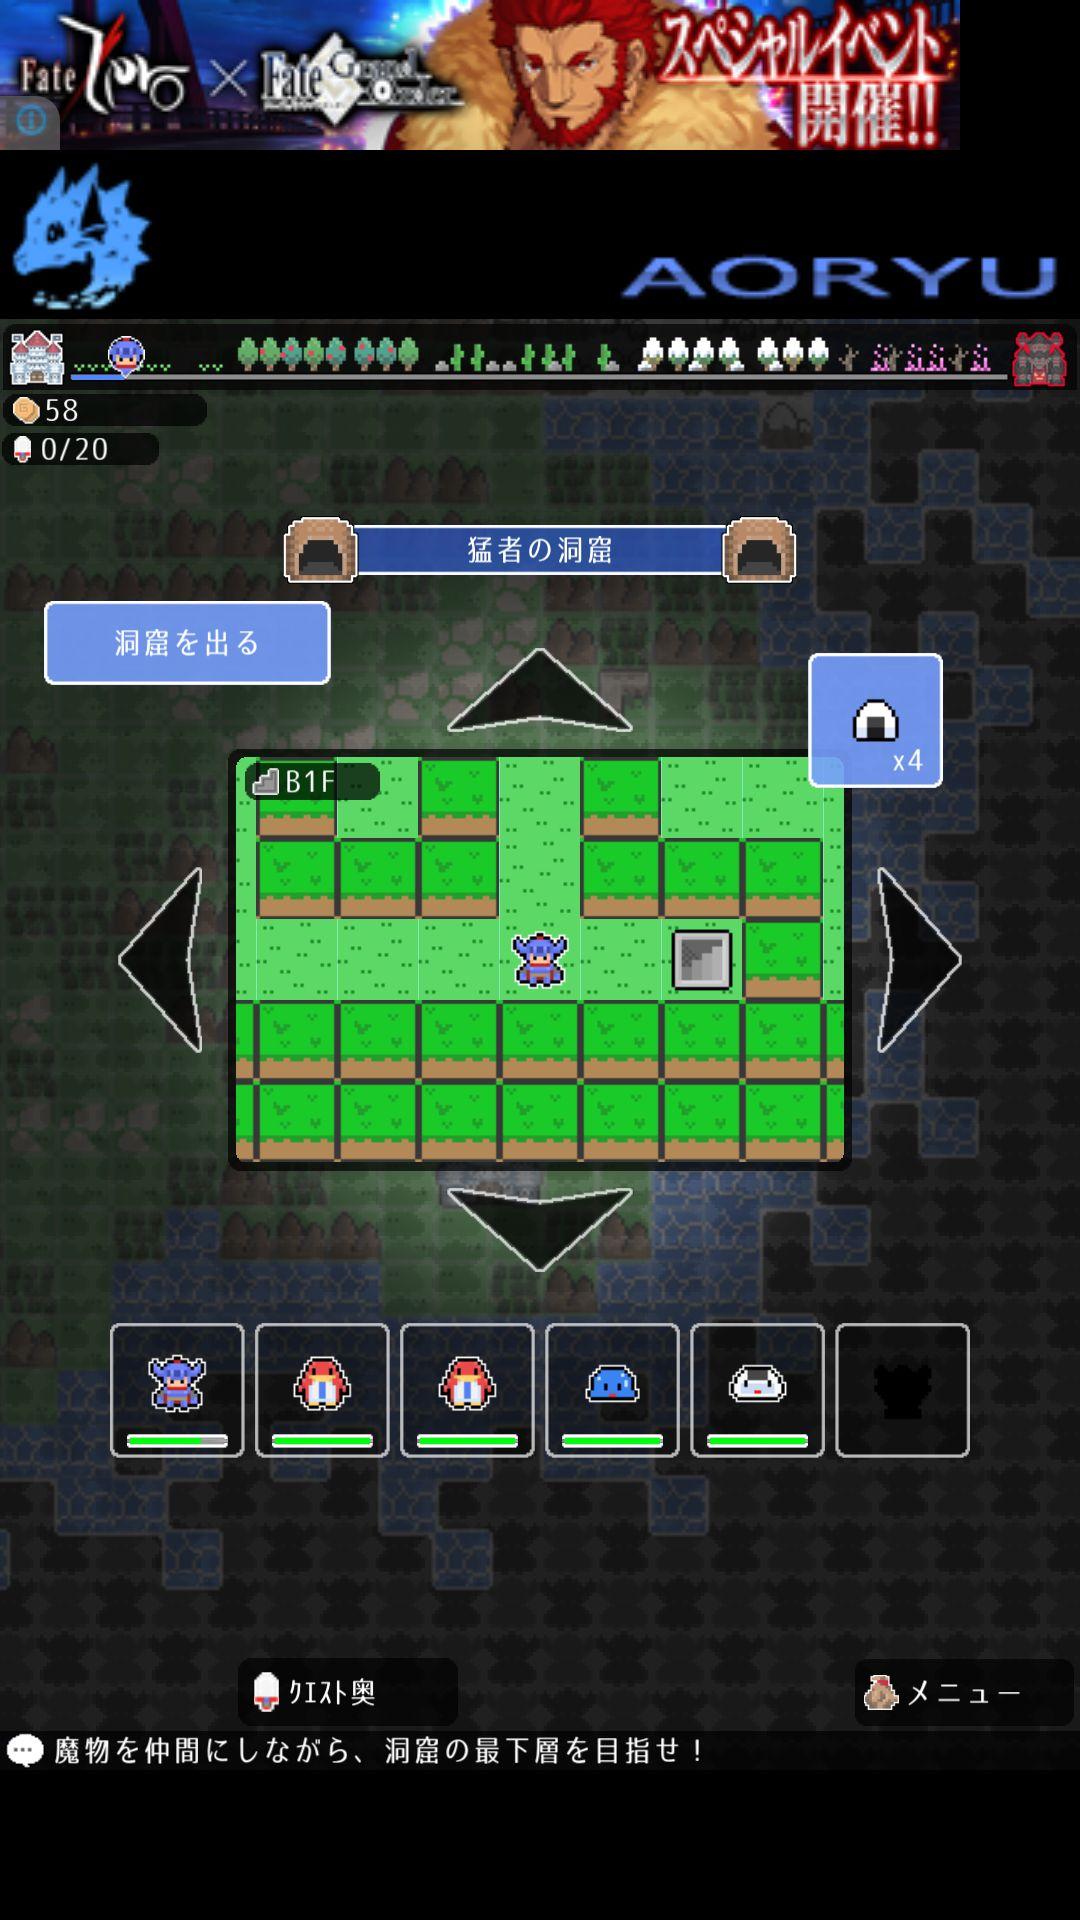 レベル上げ! androidアプリスクリーンショット3